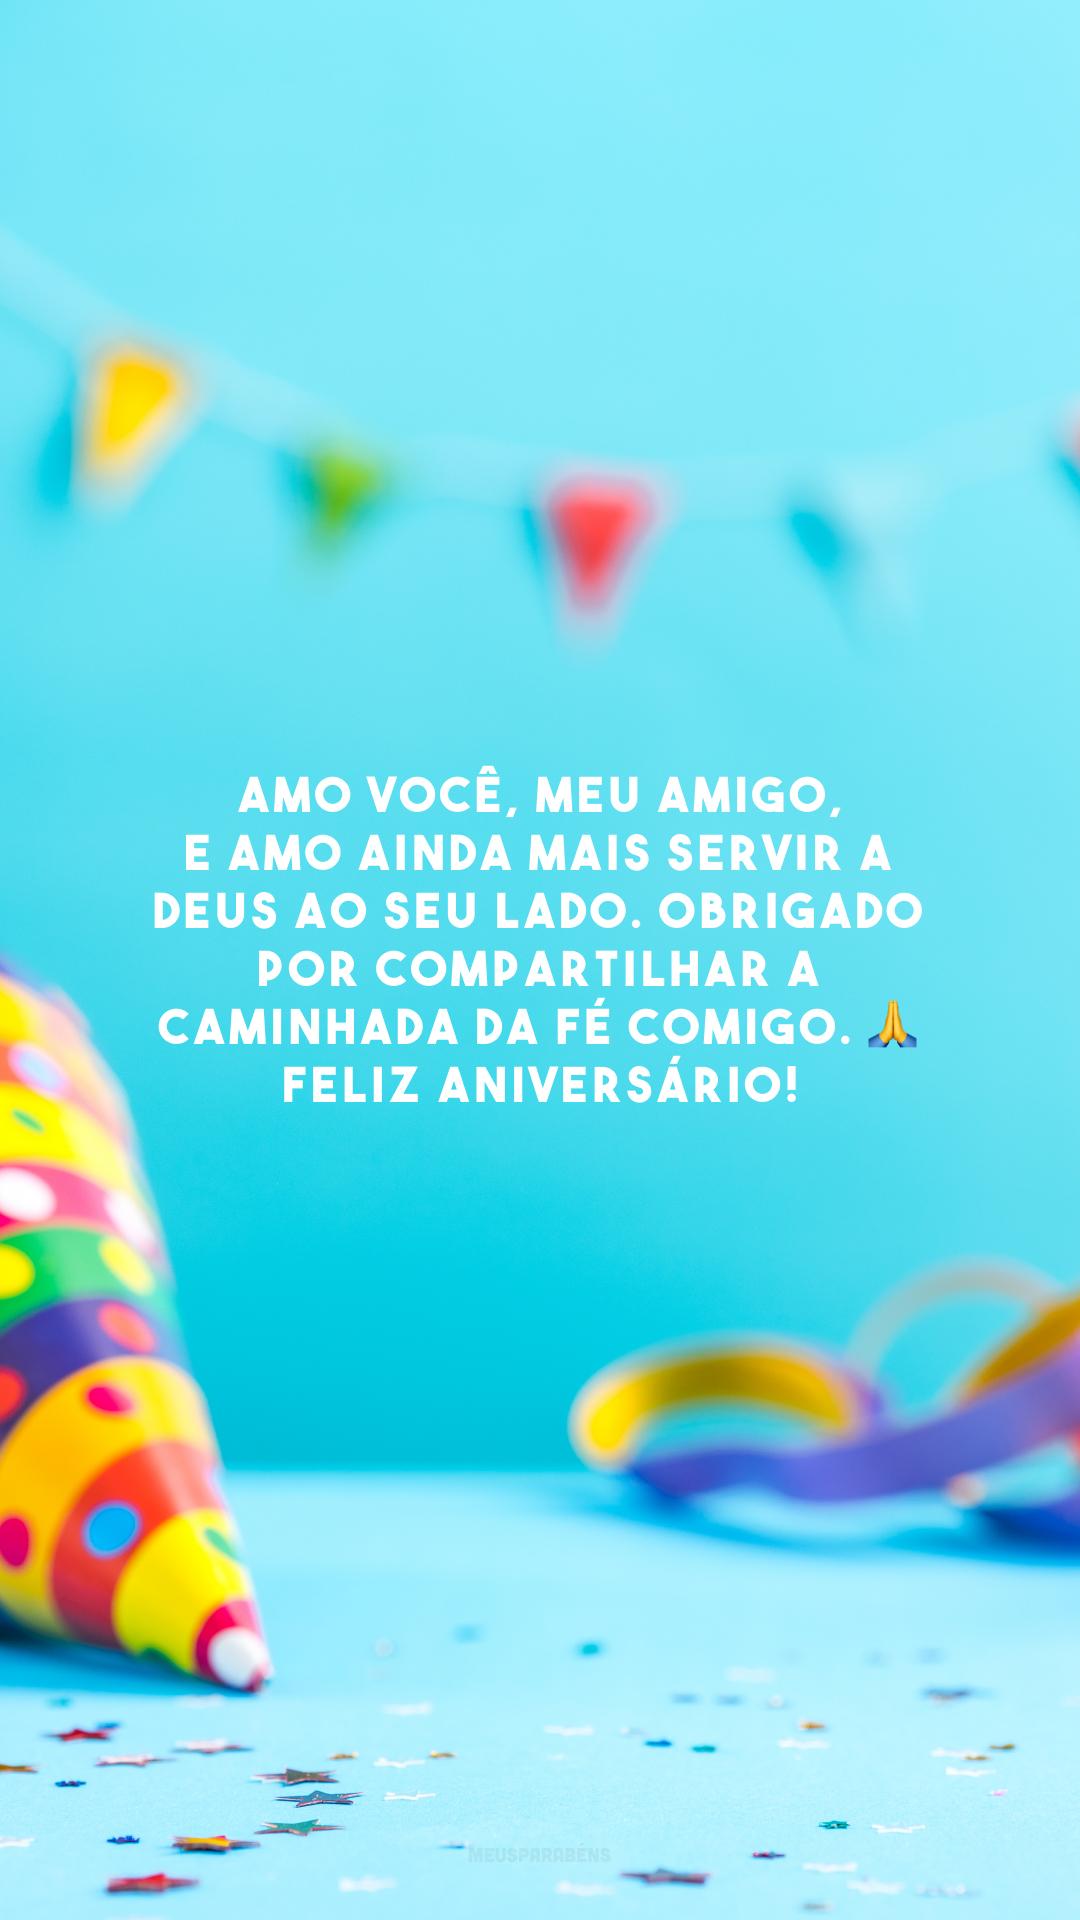 Amo você, meu amigo, e amo ainda mais servir a Deus ao seu lado. Obrigado por compartilhar a caminhada da fé comigo. 🙏 Feliz aniversário!